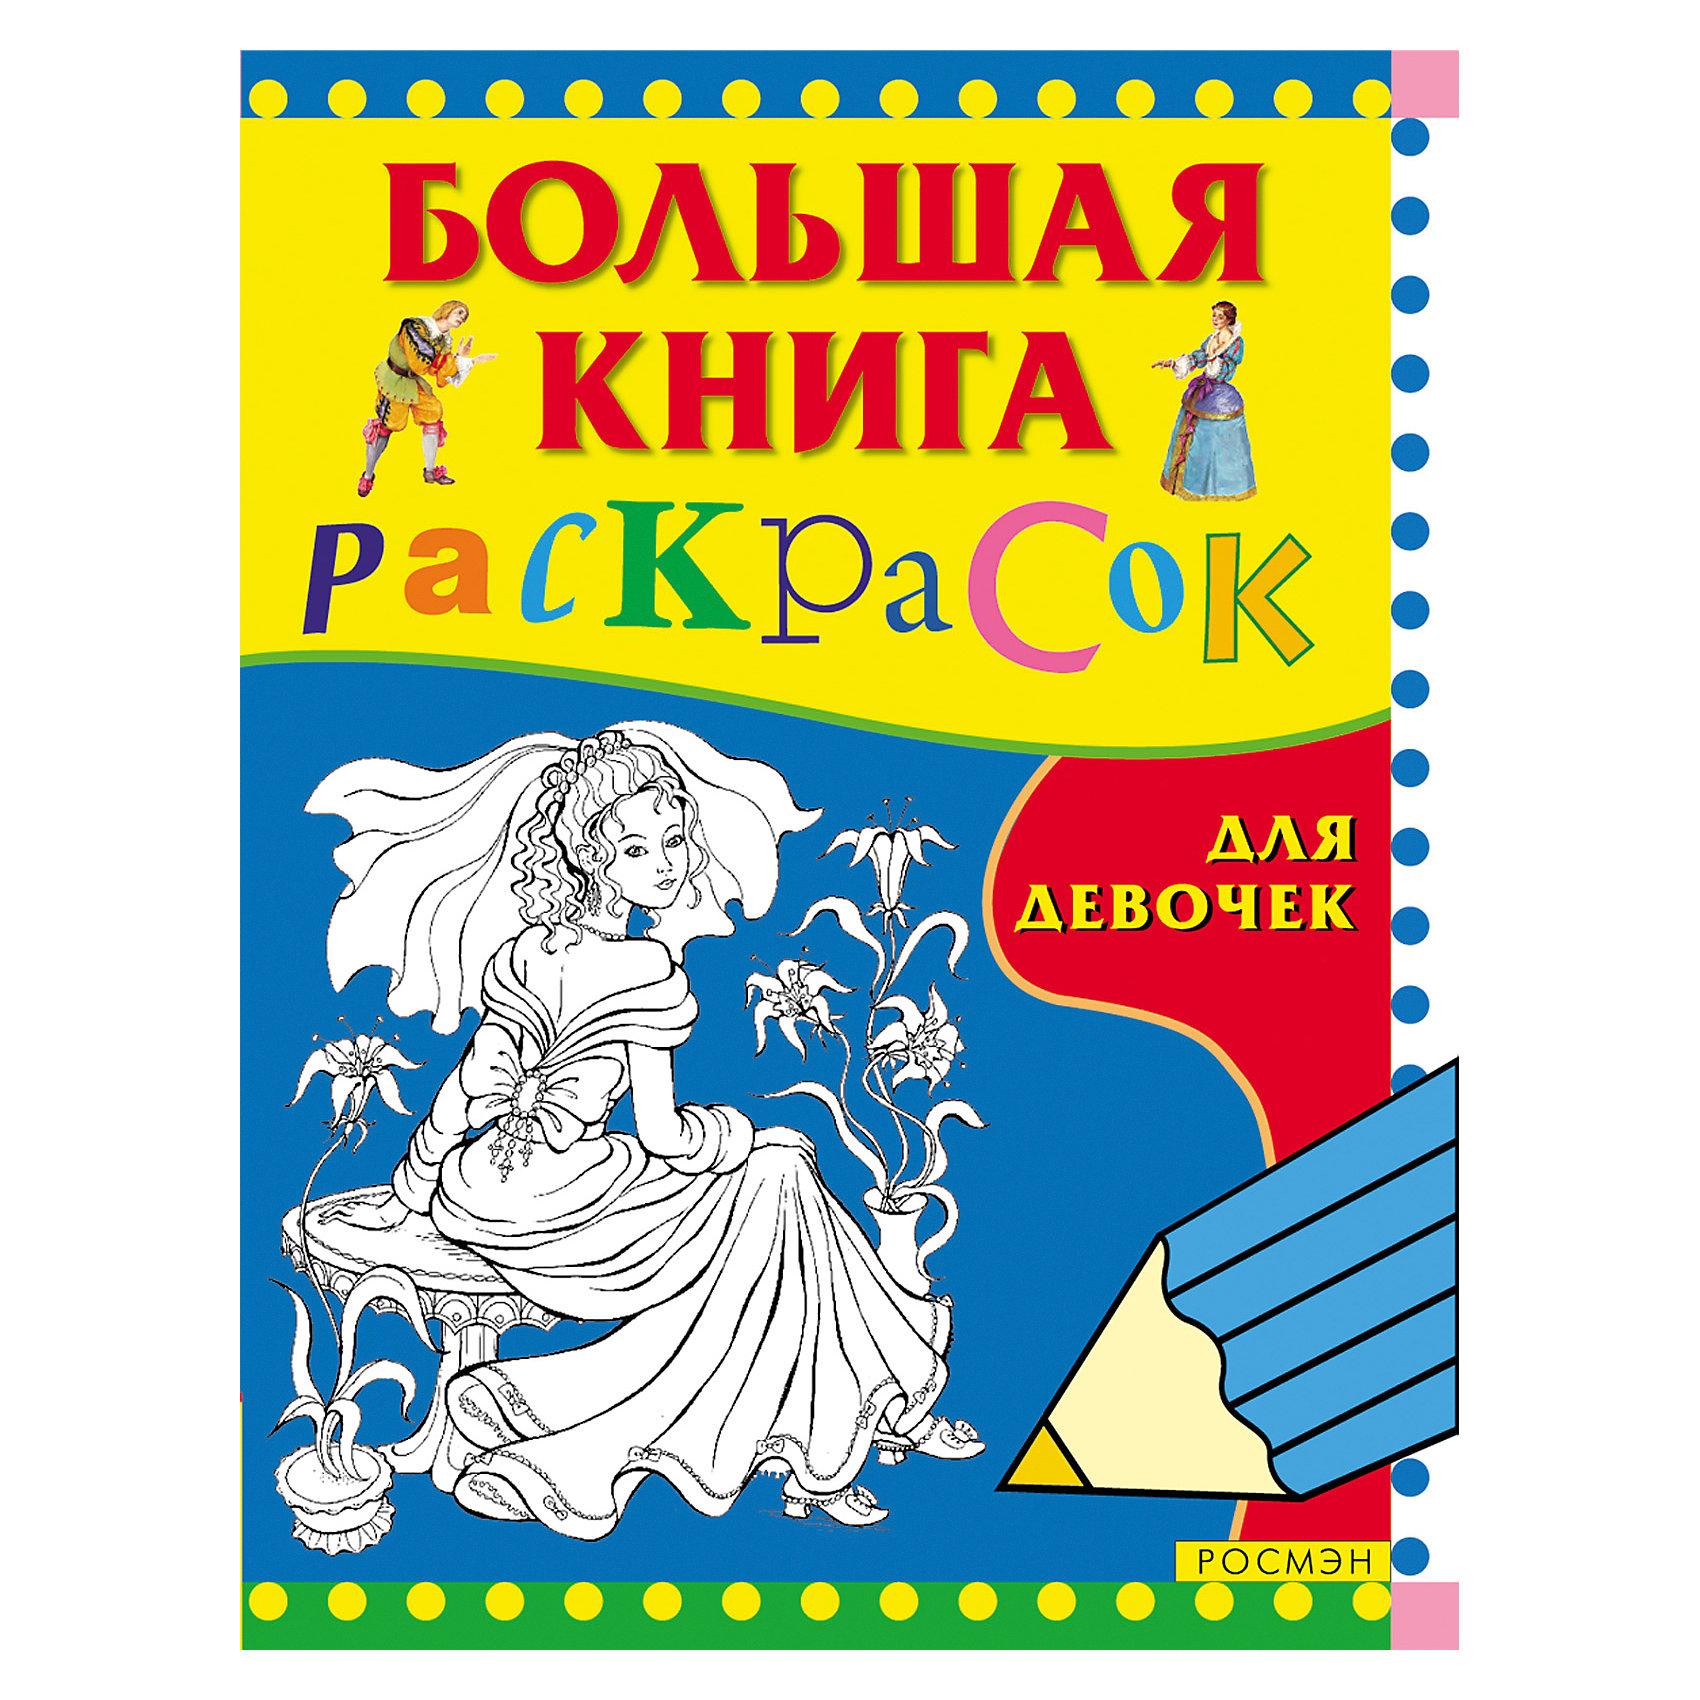 Большая книга раскрасок для девочекРаскраски по номерам<br>Характеристики товара:<br><br>- цвет: разноцветный;<br>- материал: бумага;<br>- страниц: 96;<br>- формат: 29 x 22 см;<br>- обложка: мягкая.<br><br>Эта раскраска станет отличным подарком для ребенка. Она помогает развить художественные навыки и интересно провести время. Особенность раскраски: картинок много, они очень красивые и на интересные детям темы.<br>Раскрашивание картинок даже в юном возрасте помогает ребенку развивать зрительную память, концентрацию внимания, мелкую моторику и цветовосприятие. Издание произведено из качественных материалов, которые безопасны даже для самых маленьких.<br><br>Издание Большая книга раскрасок для девочек от компании Росмэн можно купить в нашем интернет-магазине.<br><br>Ширина мм: 275<br>Глубина мм: 210<br>Высота мм: 7<br>Вес г: 301<br>Возраст от месяцев: 60<br>Возраст до месяцев: 84<br>Пол: Унисекс<br>Возраст: Детский<br>SKU: 5110128